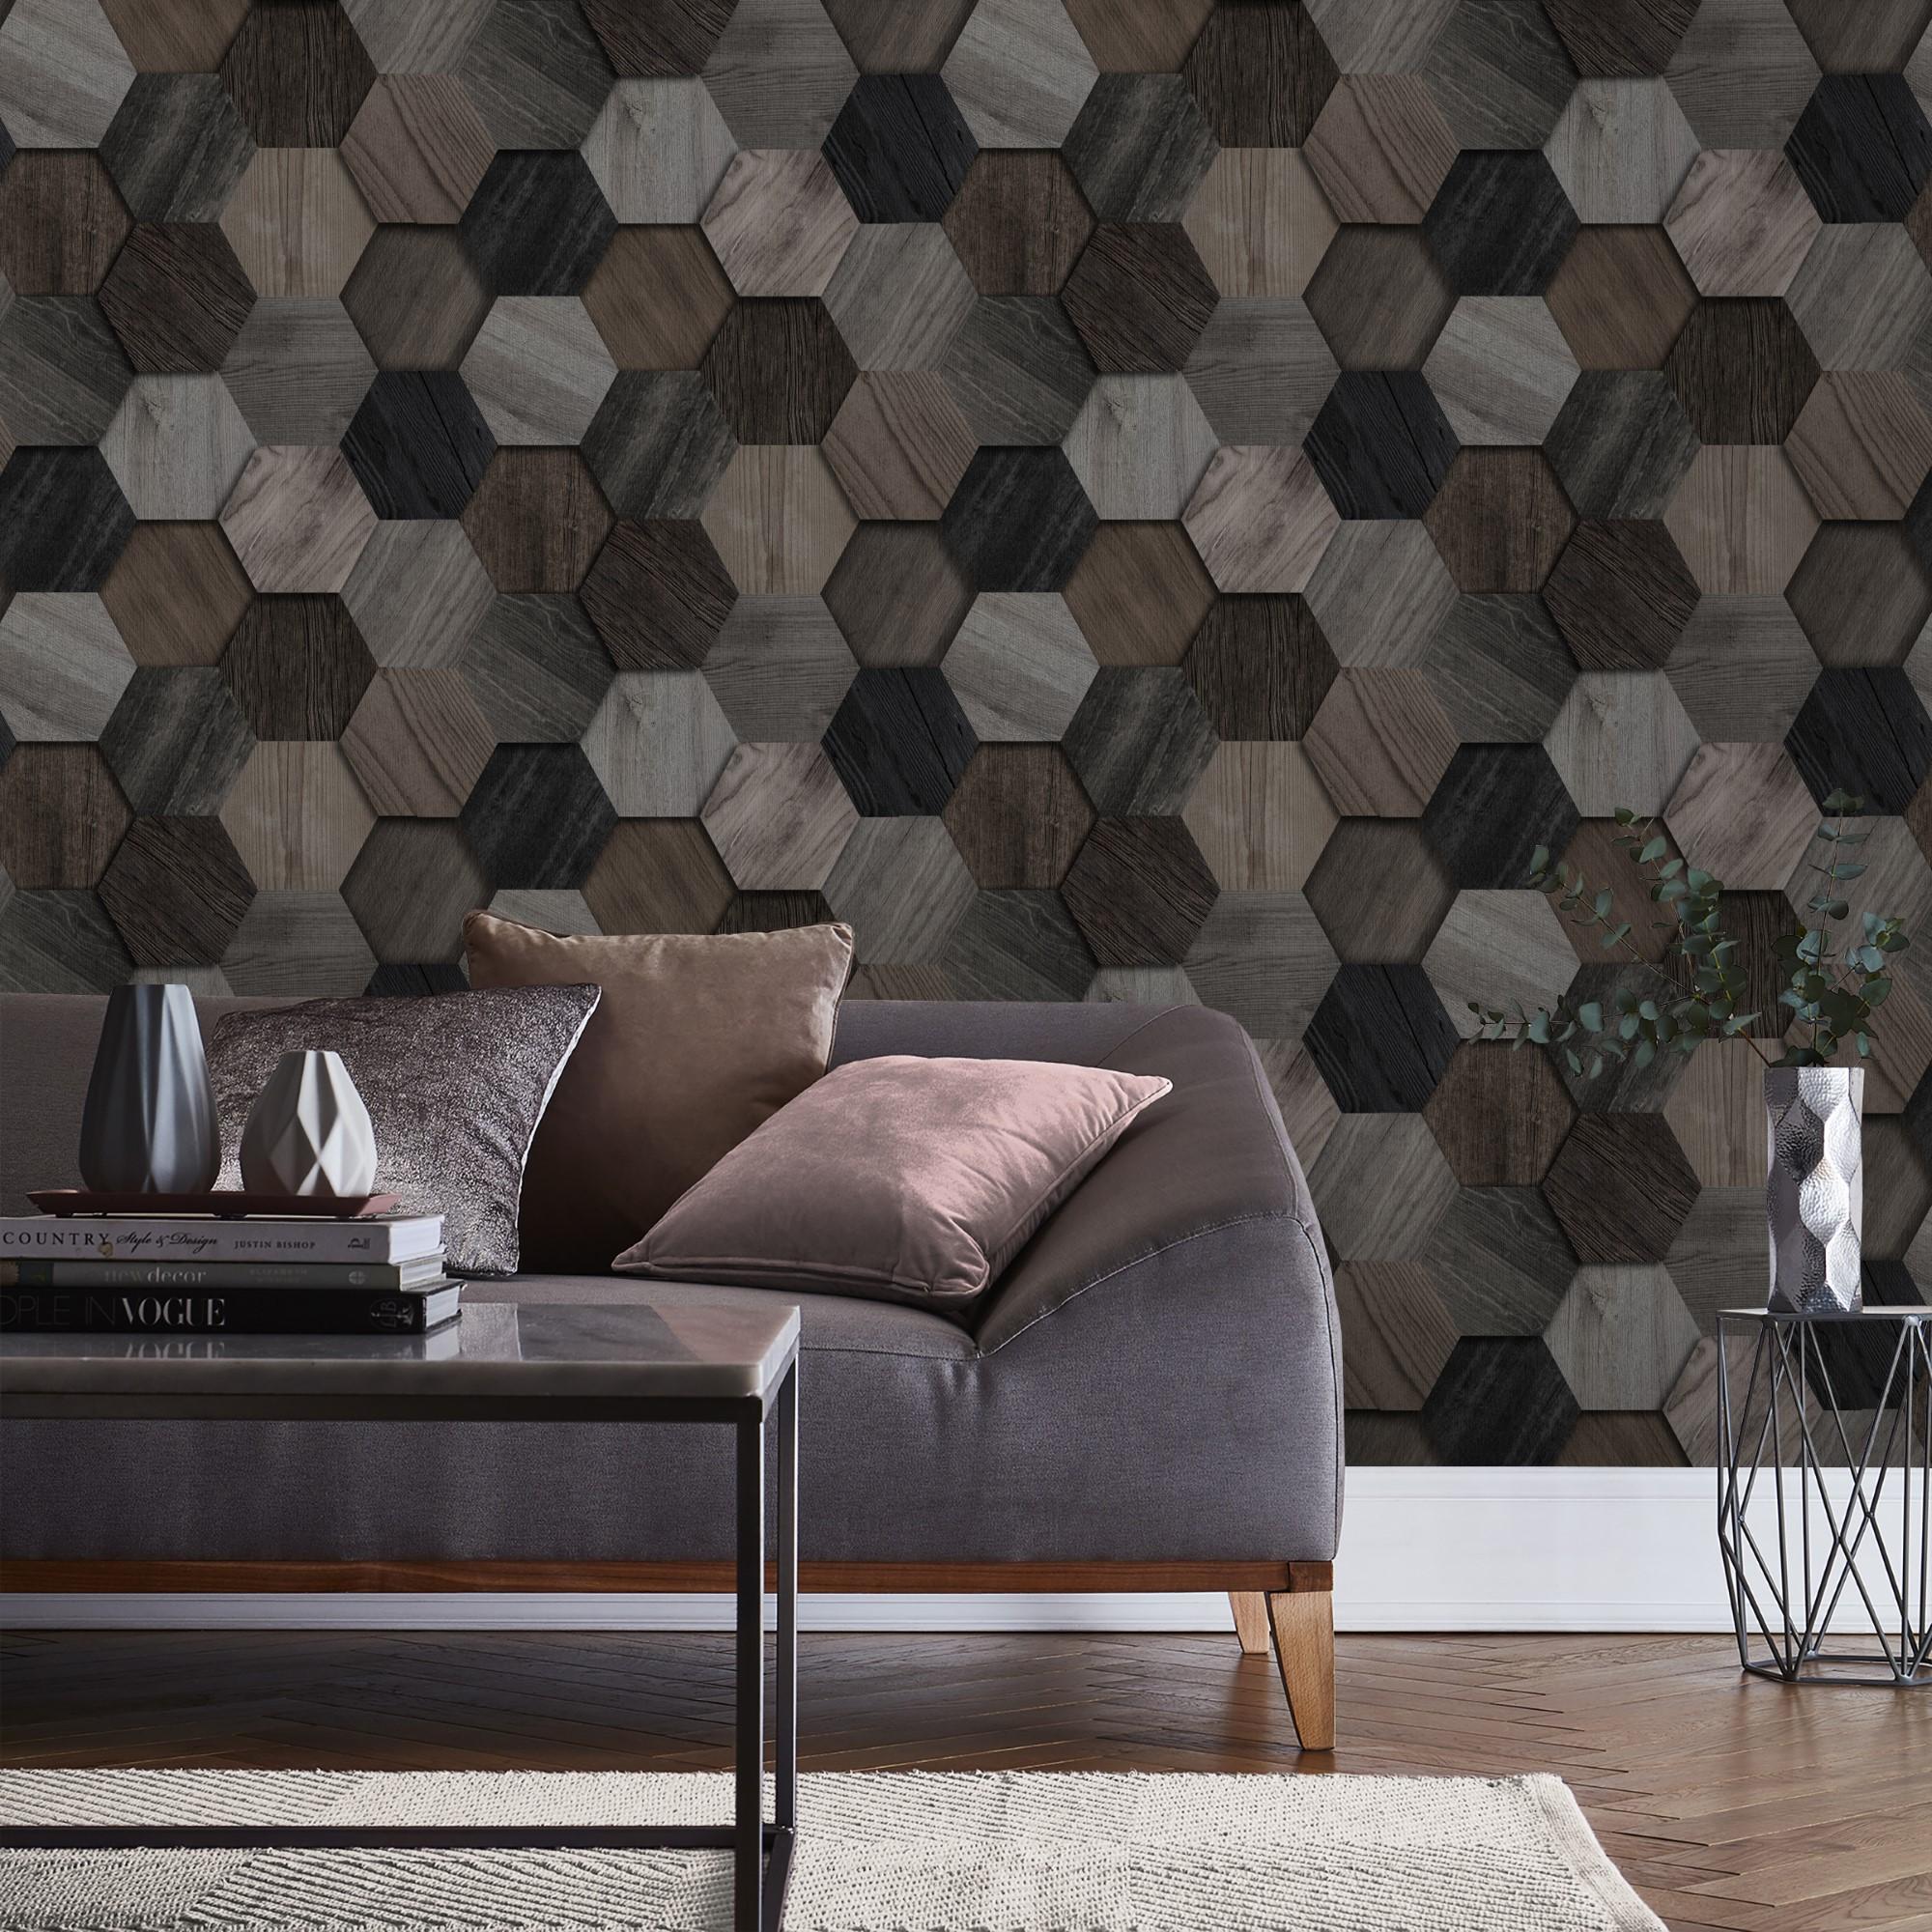 Papier peint intissé hexagone en bois gris 1005x52cm